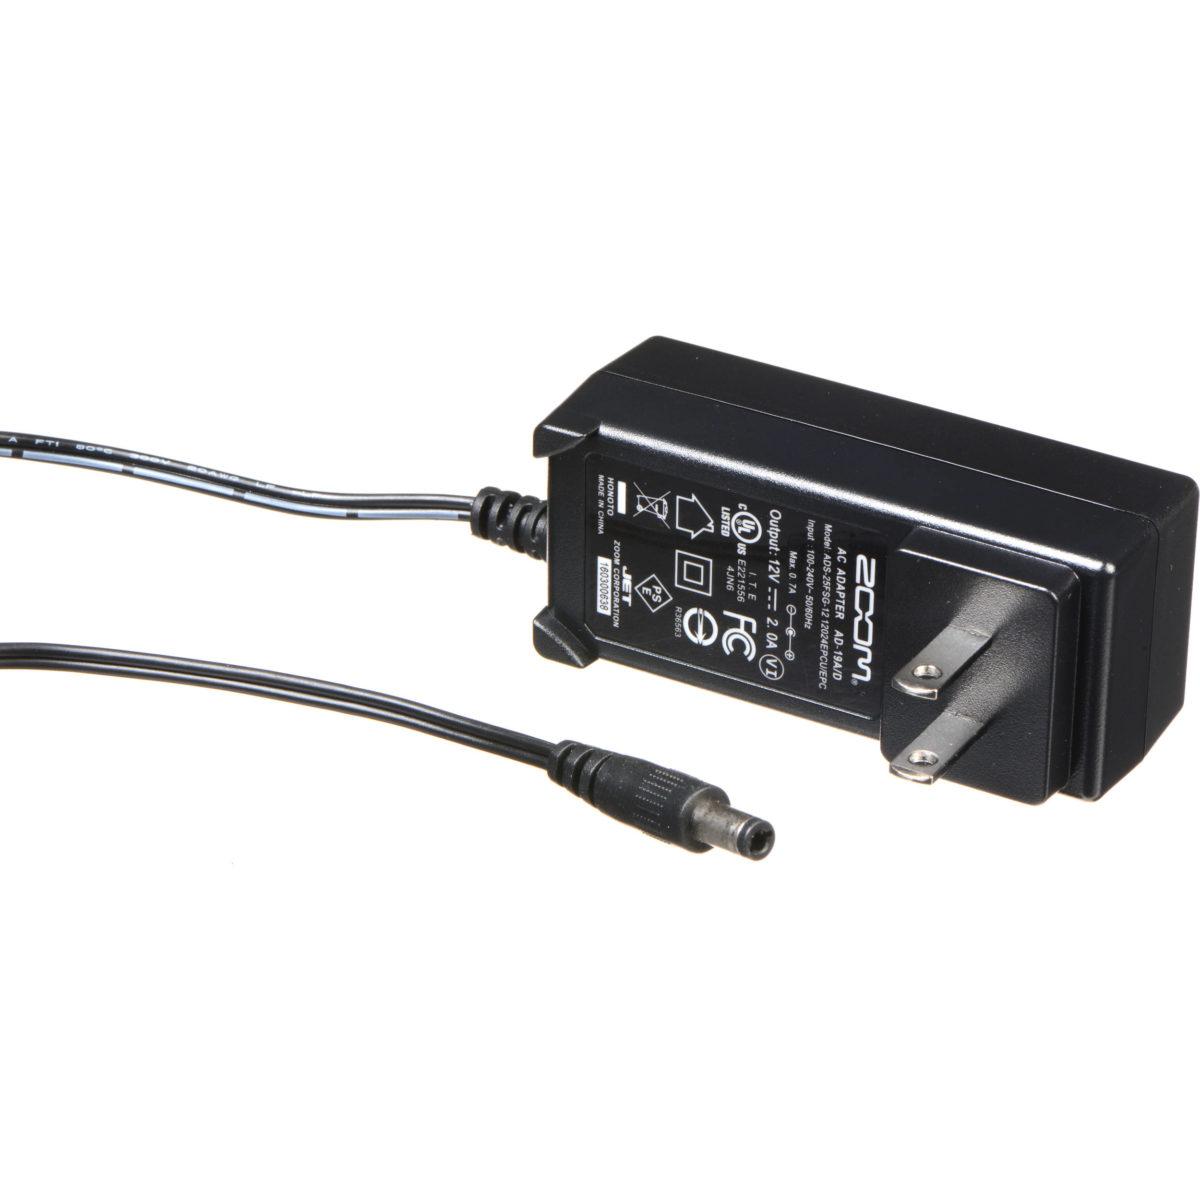 อะแดปเตอร์แปลงไฟ ยี่ห้อ Zoom รุ่น AD-19 power adapter